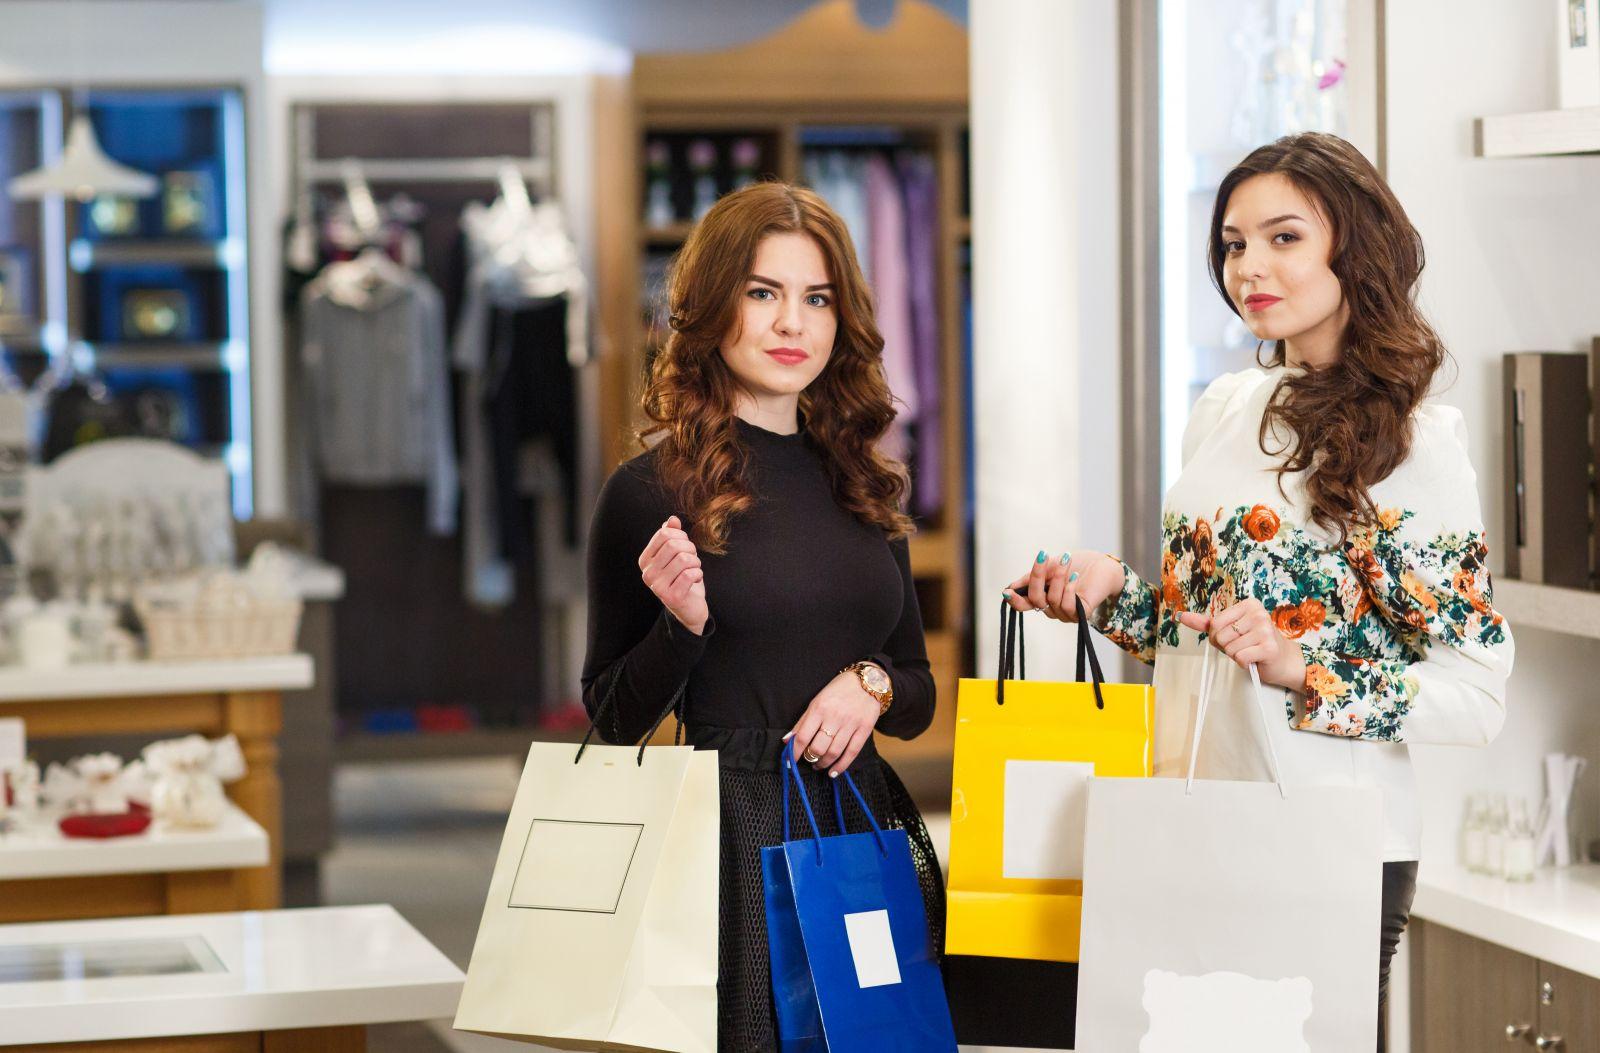 Túi giấy đựng mỹ phẩm được nhiều phụ nữ ưa chuộng